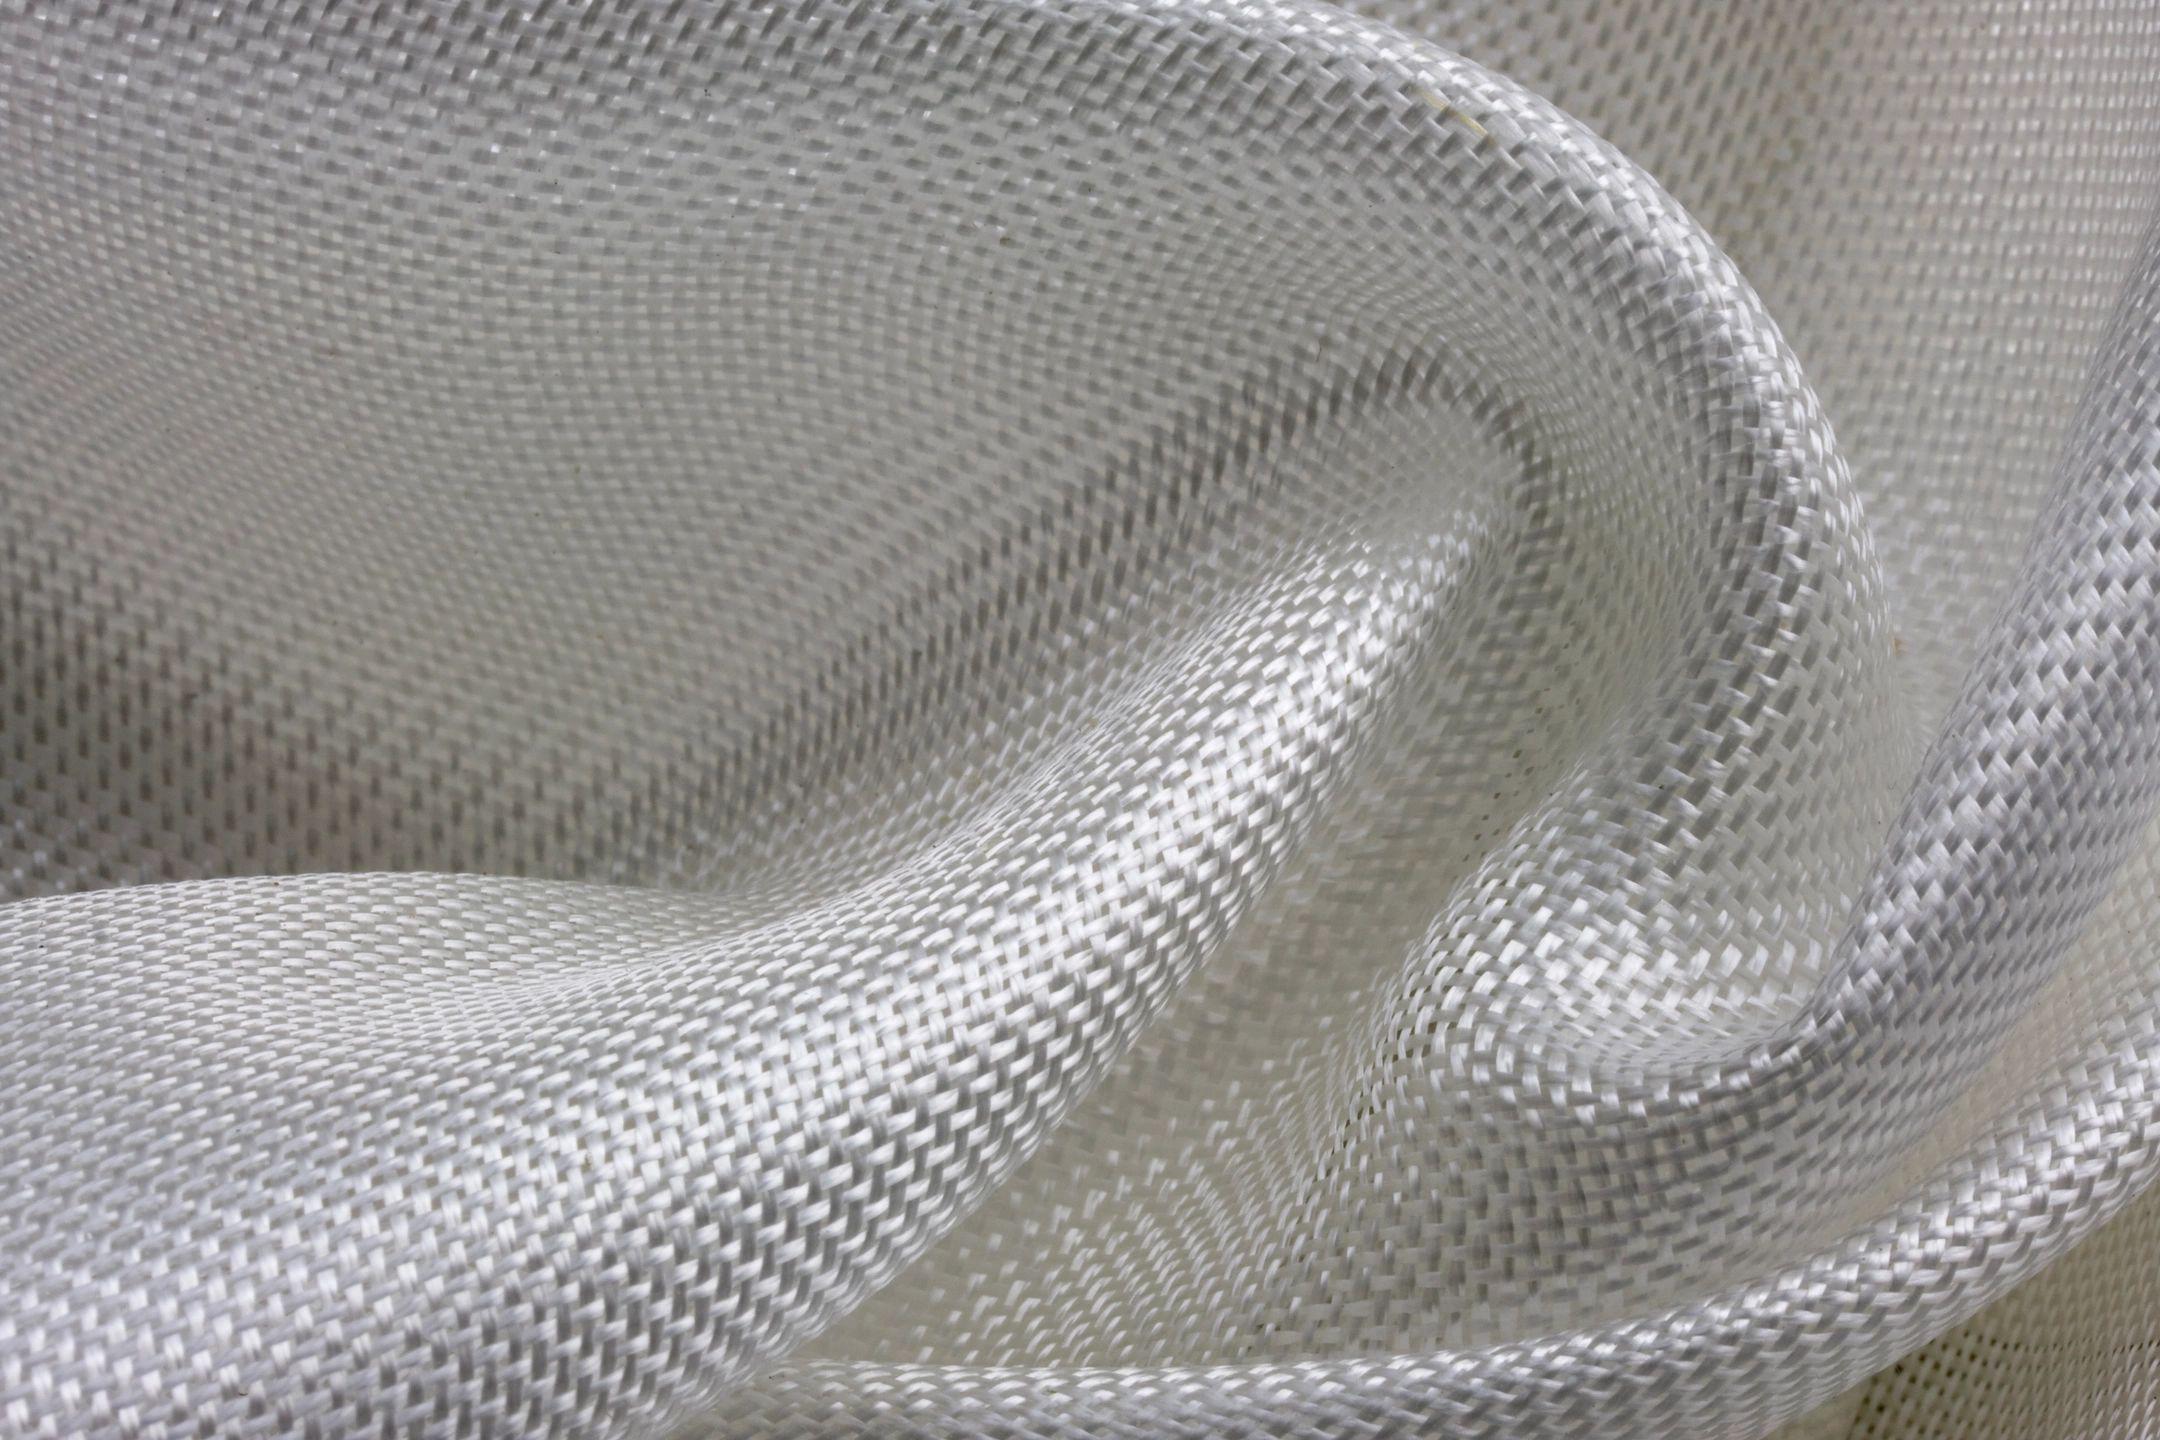 Four Uses for Ceramic Fiber